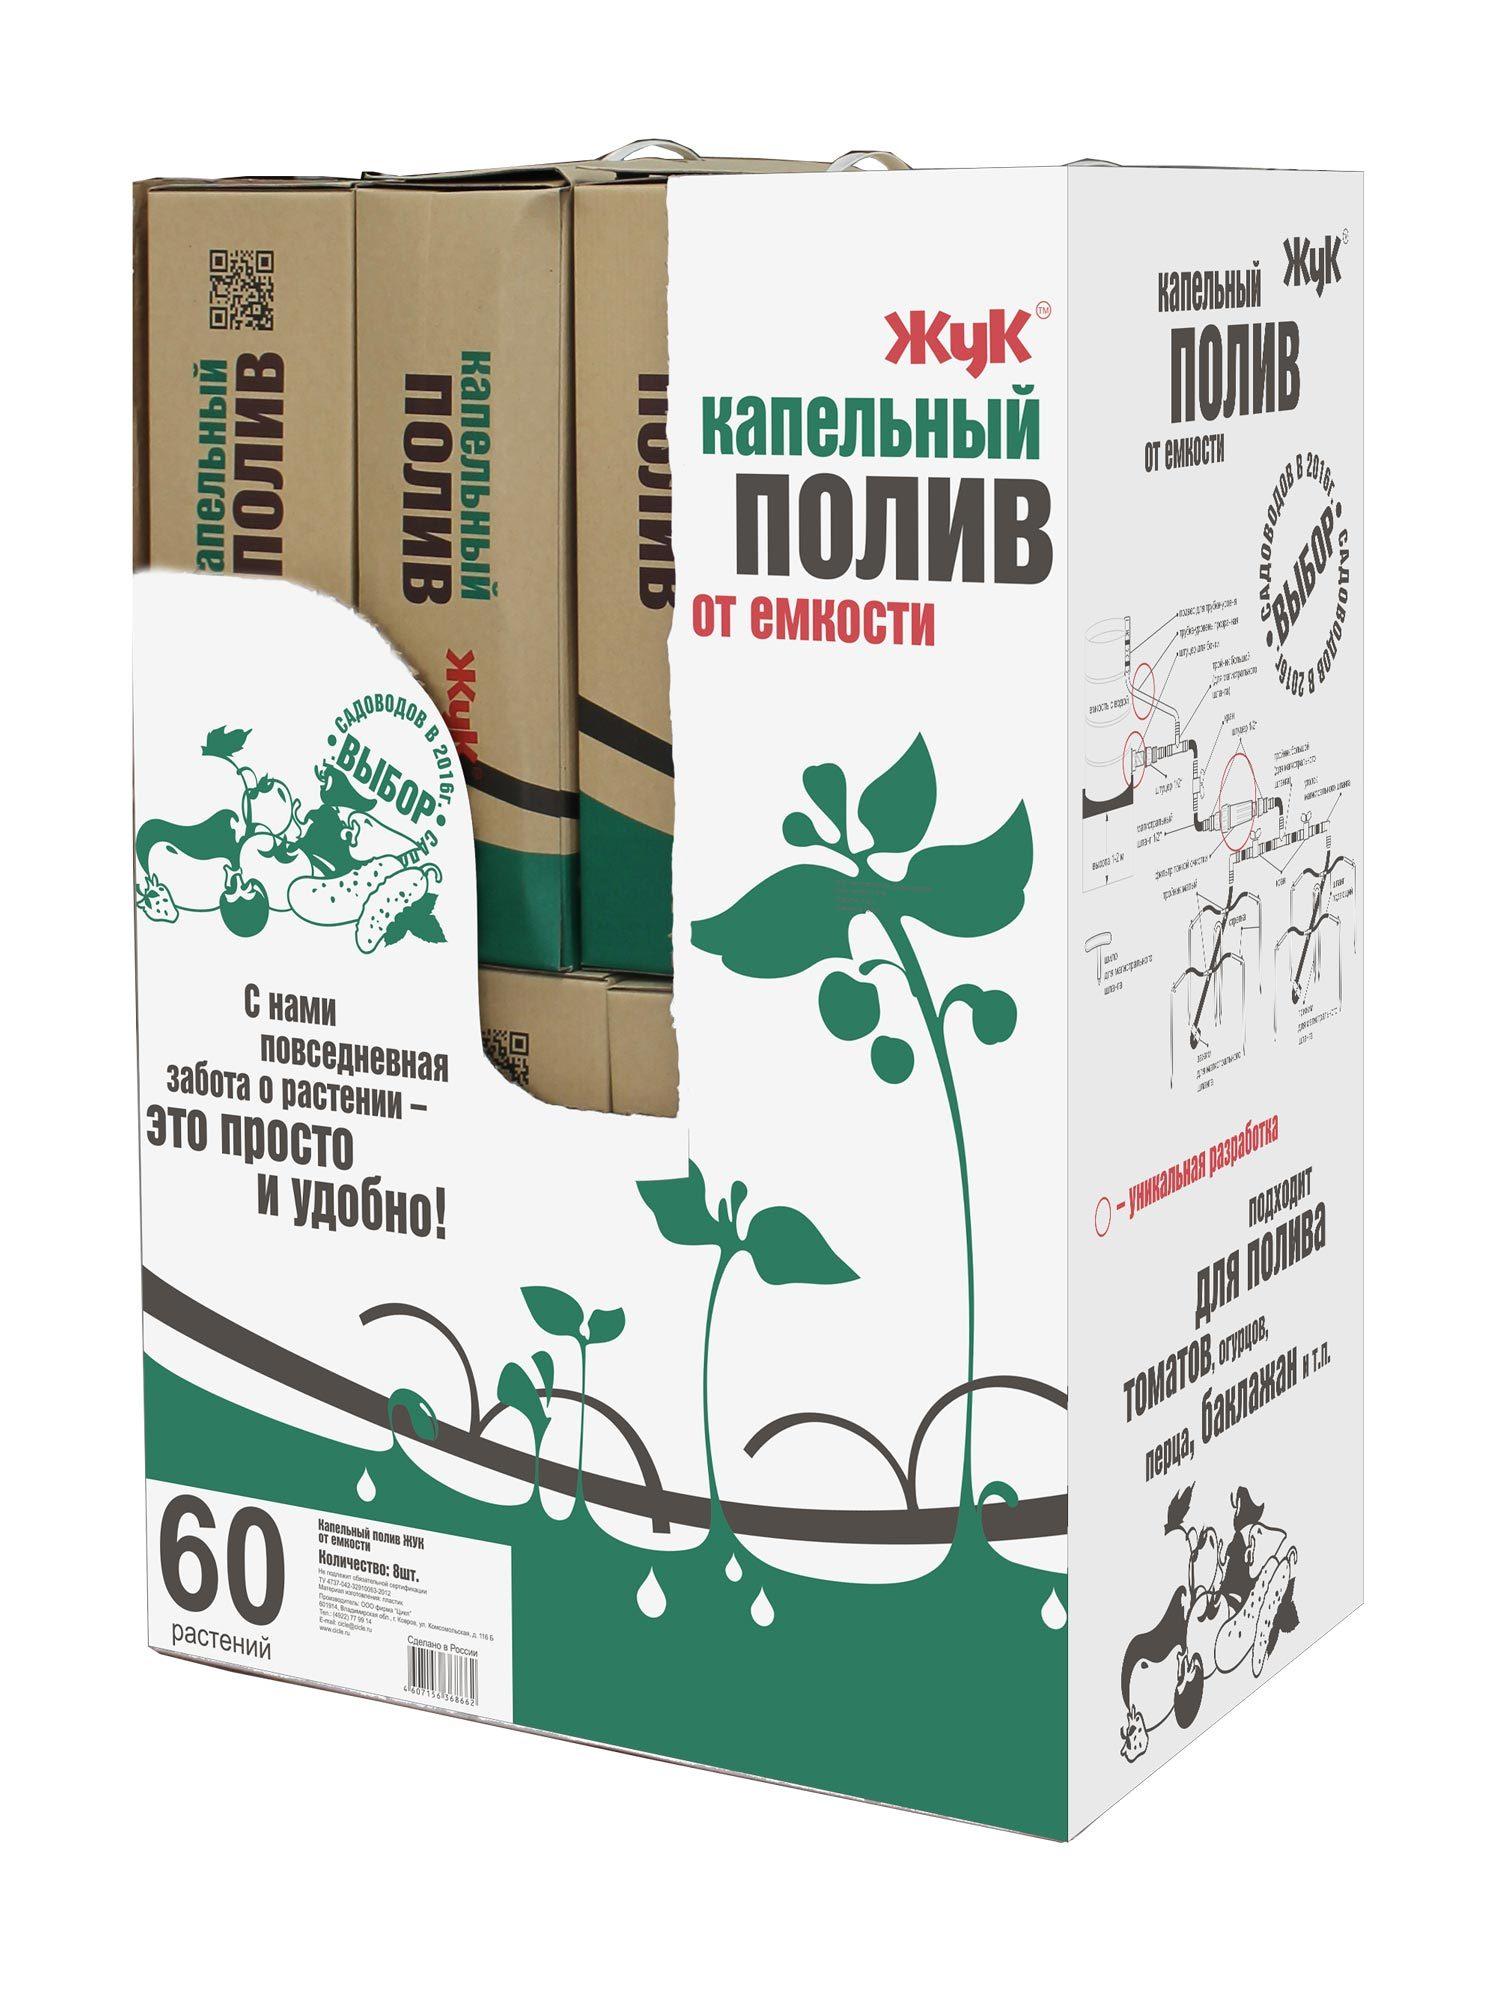 """Комплект для капельного полива """"ЖУК"""" на 60 растений от емкости"""